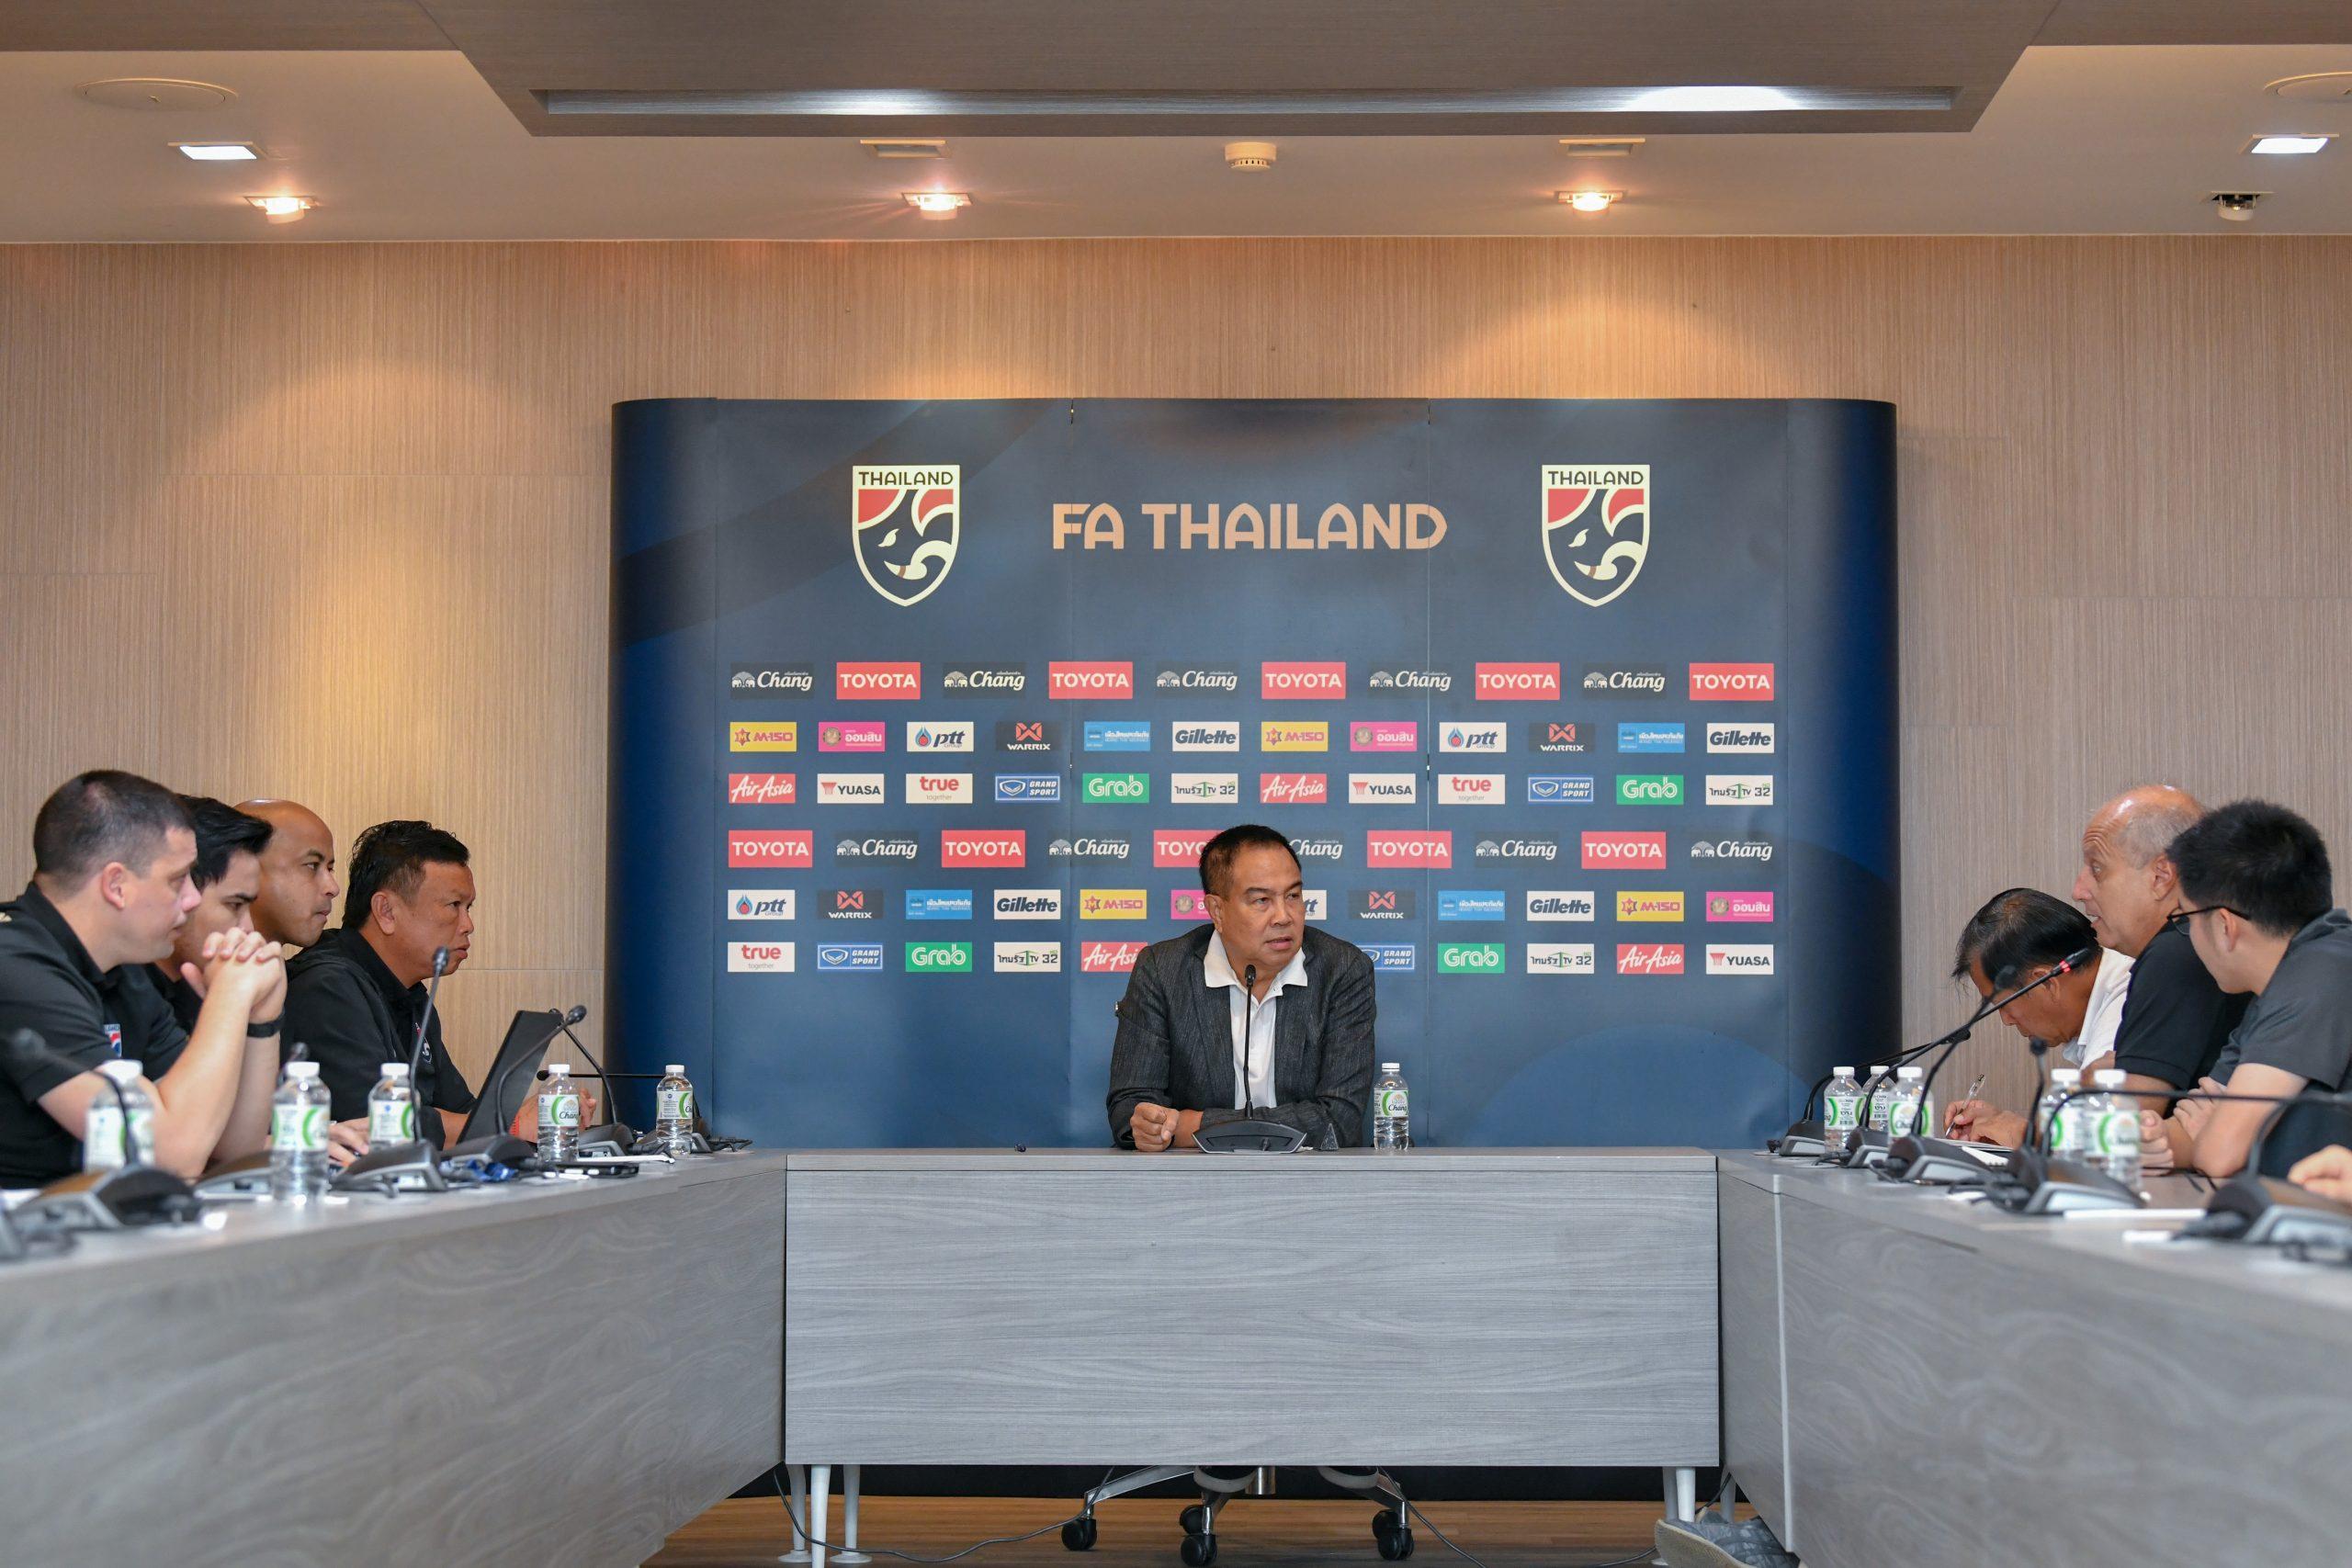 ชิงแชมป์เอเชีย U23 ทีมชาติไทย ทีมชาติไทย U23 สมยศ พุ่มพันธุ์ม่วง อเล็กซานเดร กามา ไชน่า คัพ 2019